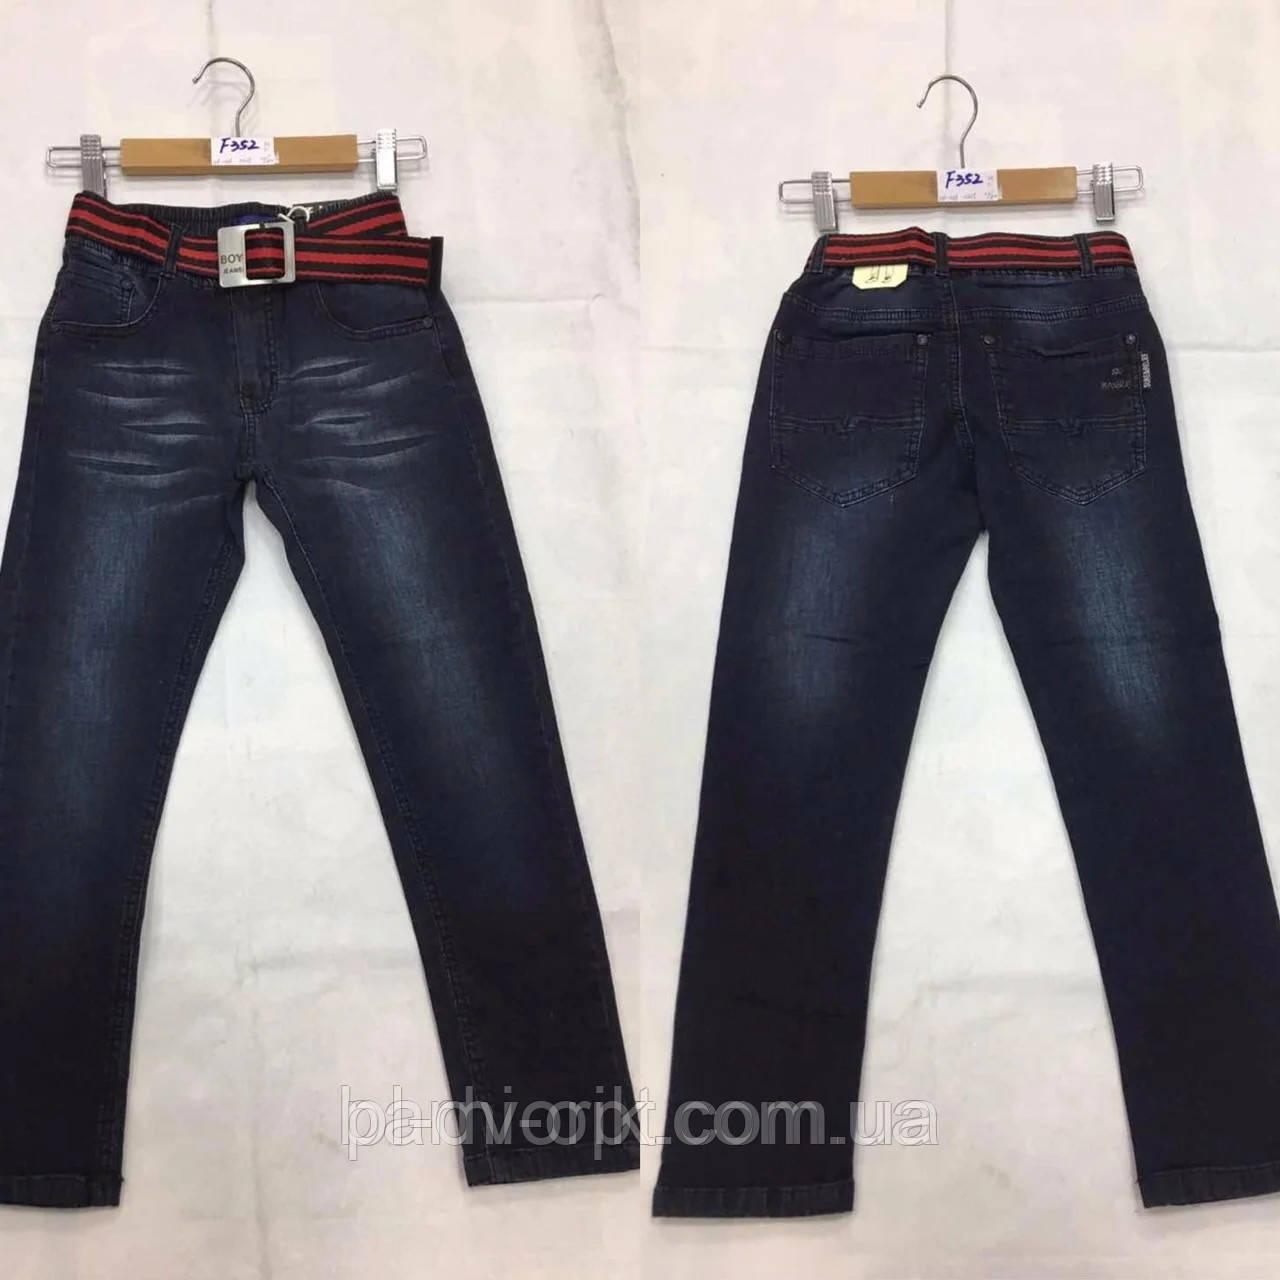 Джинсовые брюки на мальчика   Производство Венгрия